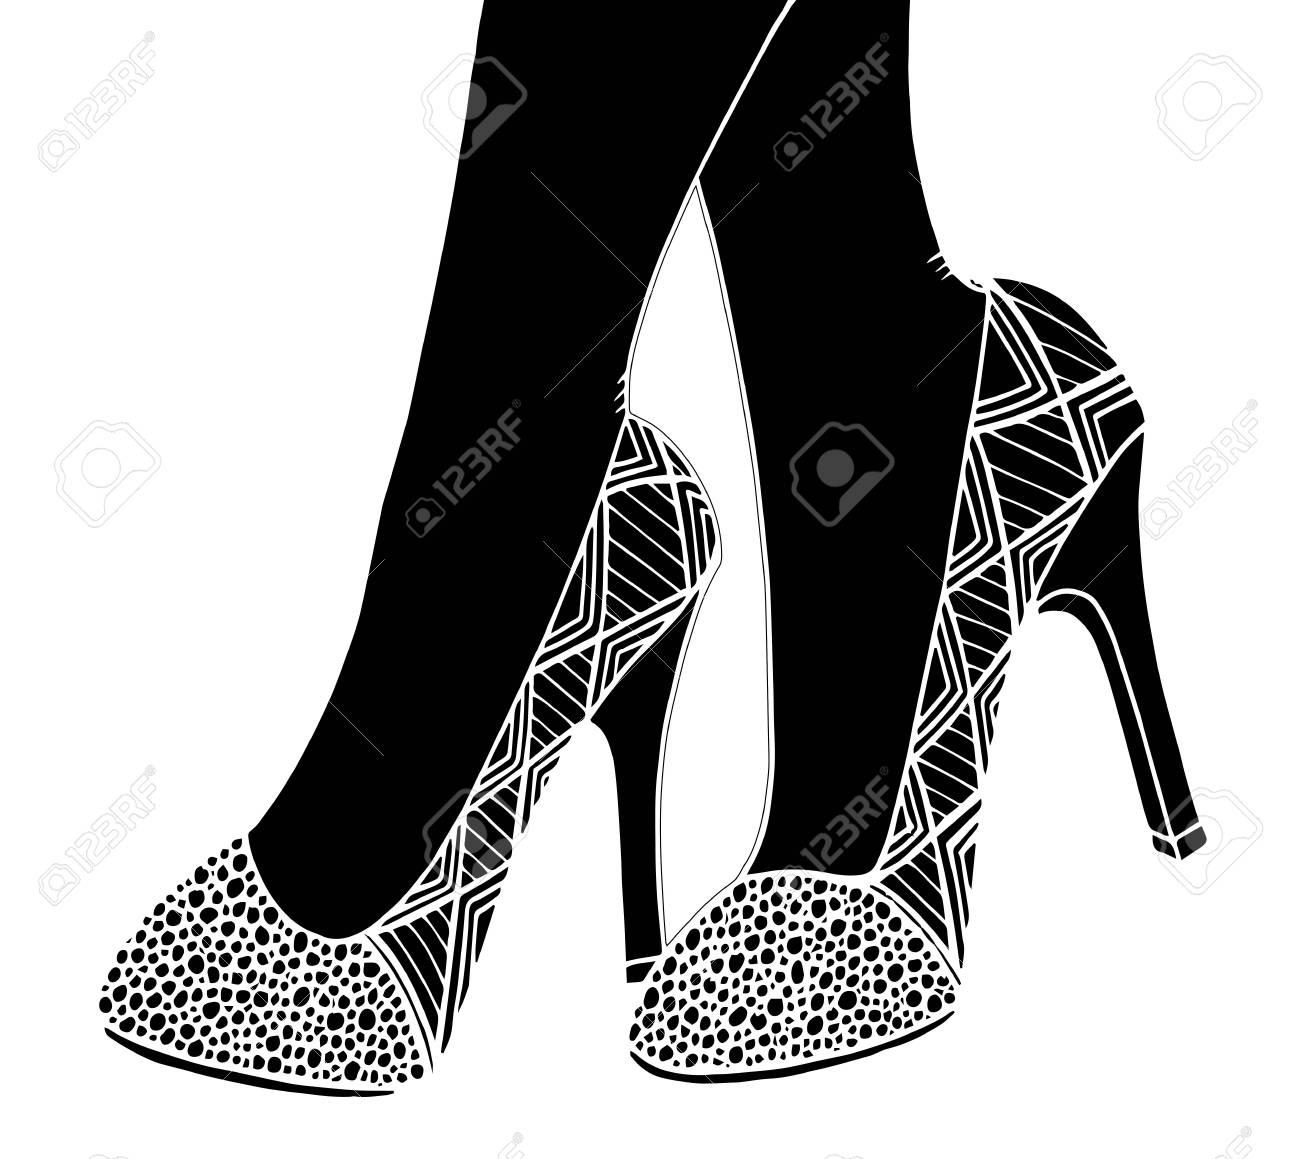 手描き概要観賞用の高いヒール靴イラスト ロイヤリティフリークリップ